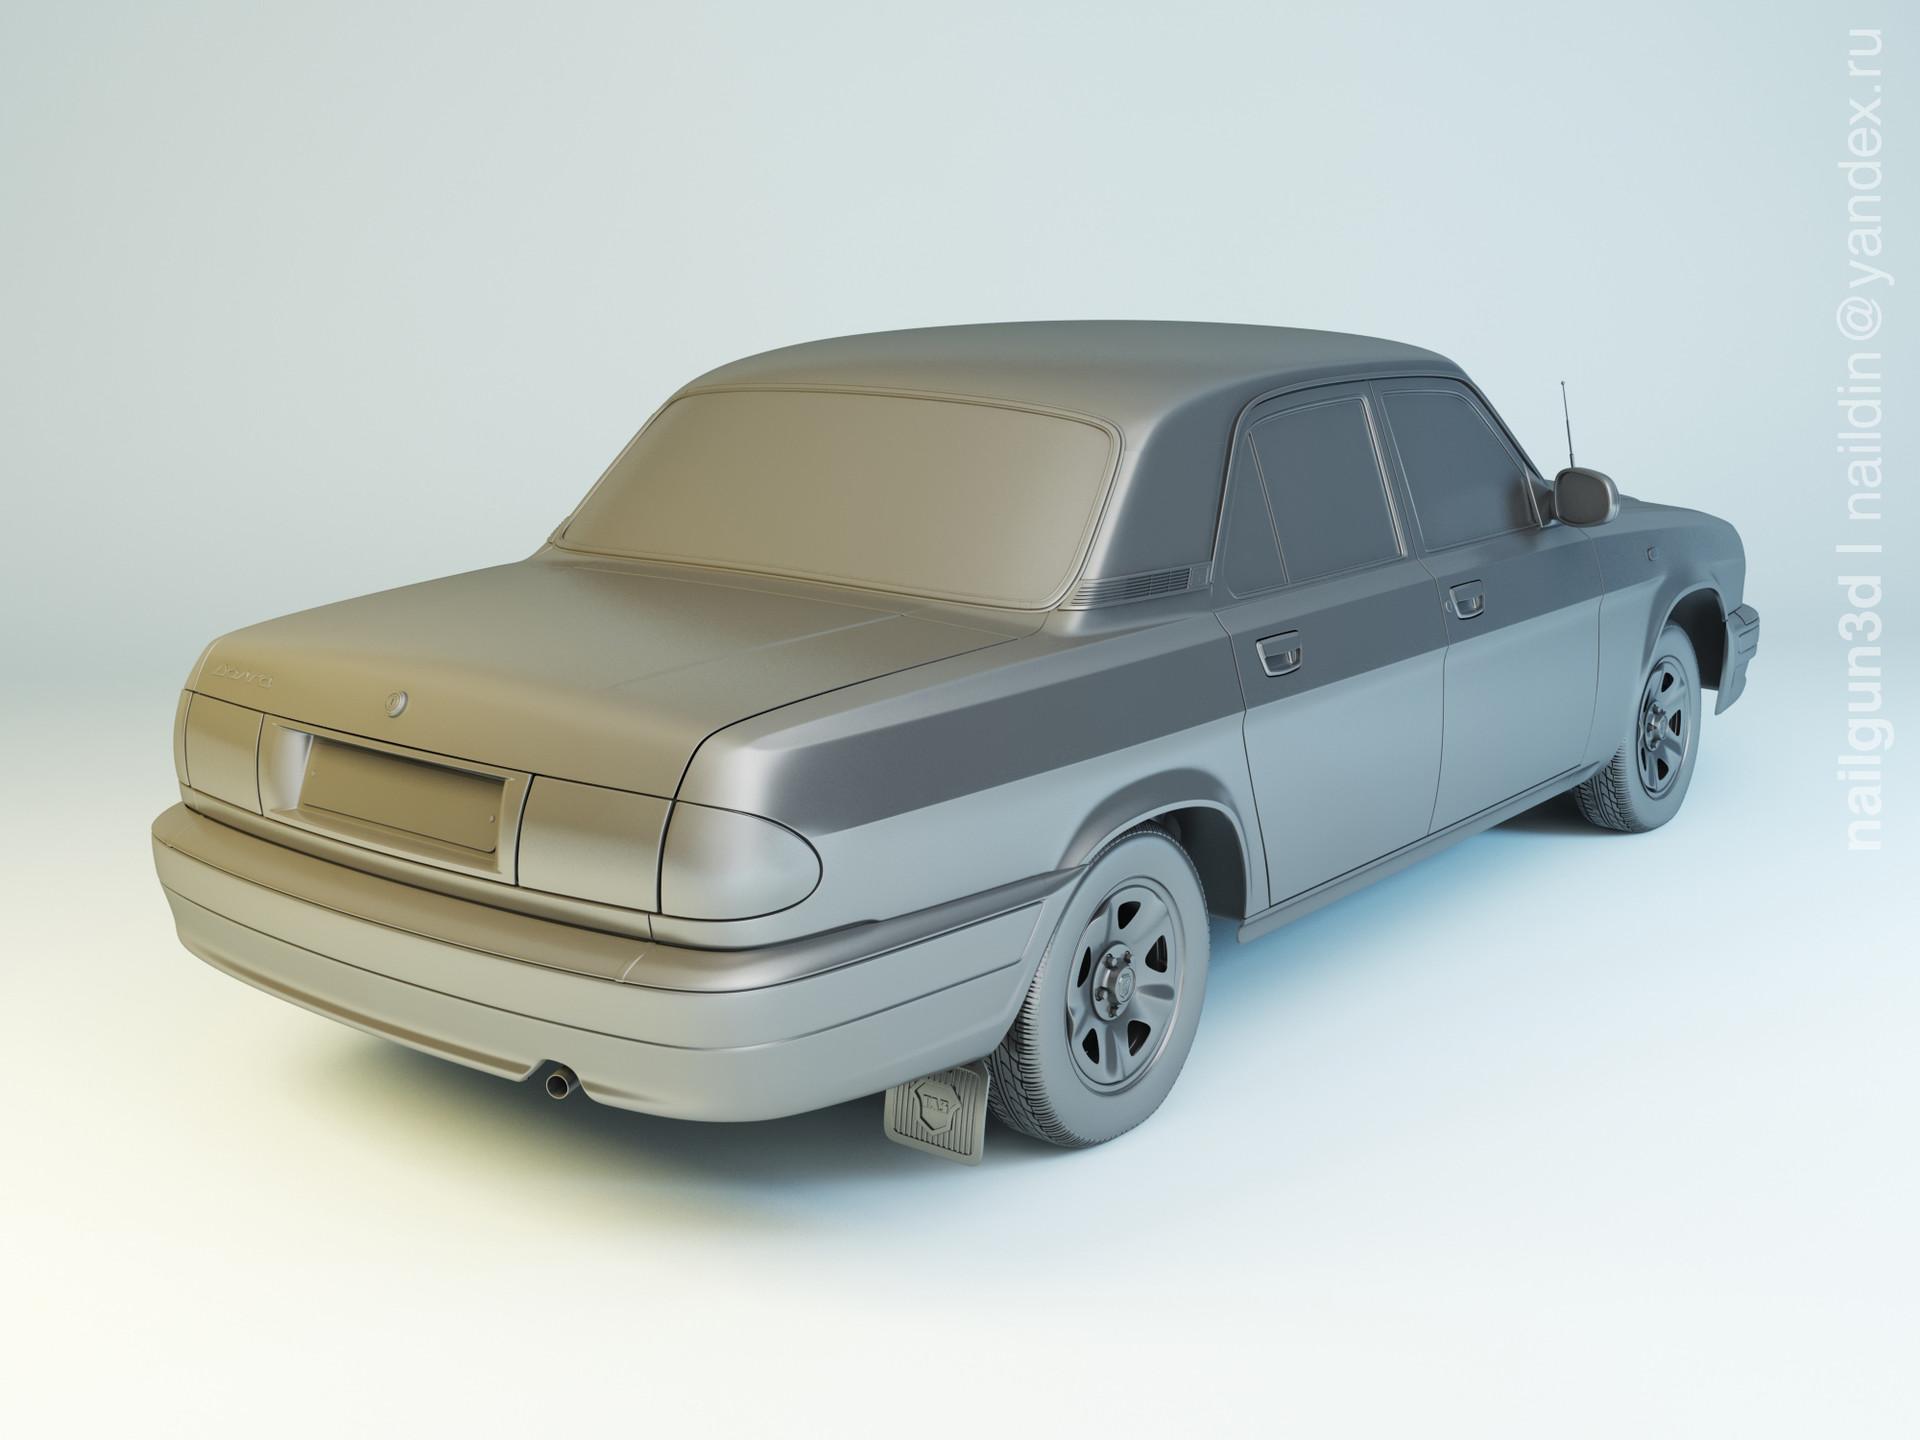 Nail khusnutdinov als 212 001 gaz 31105 modelling 1